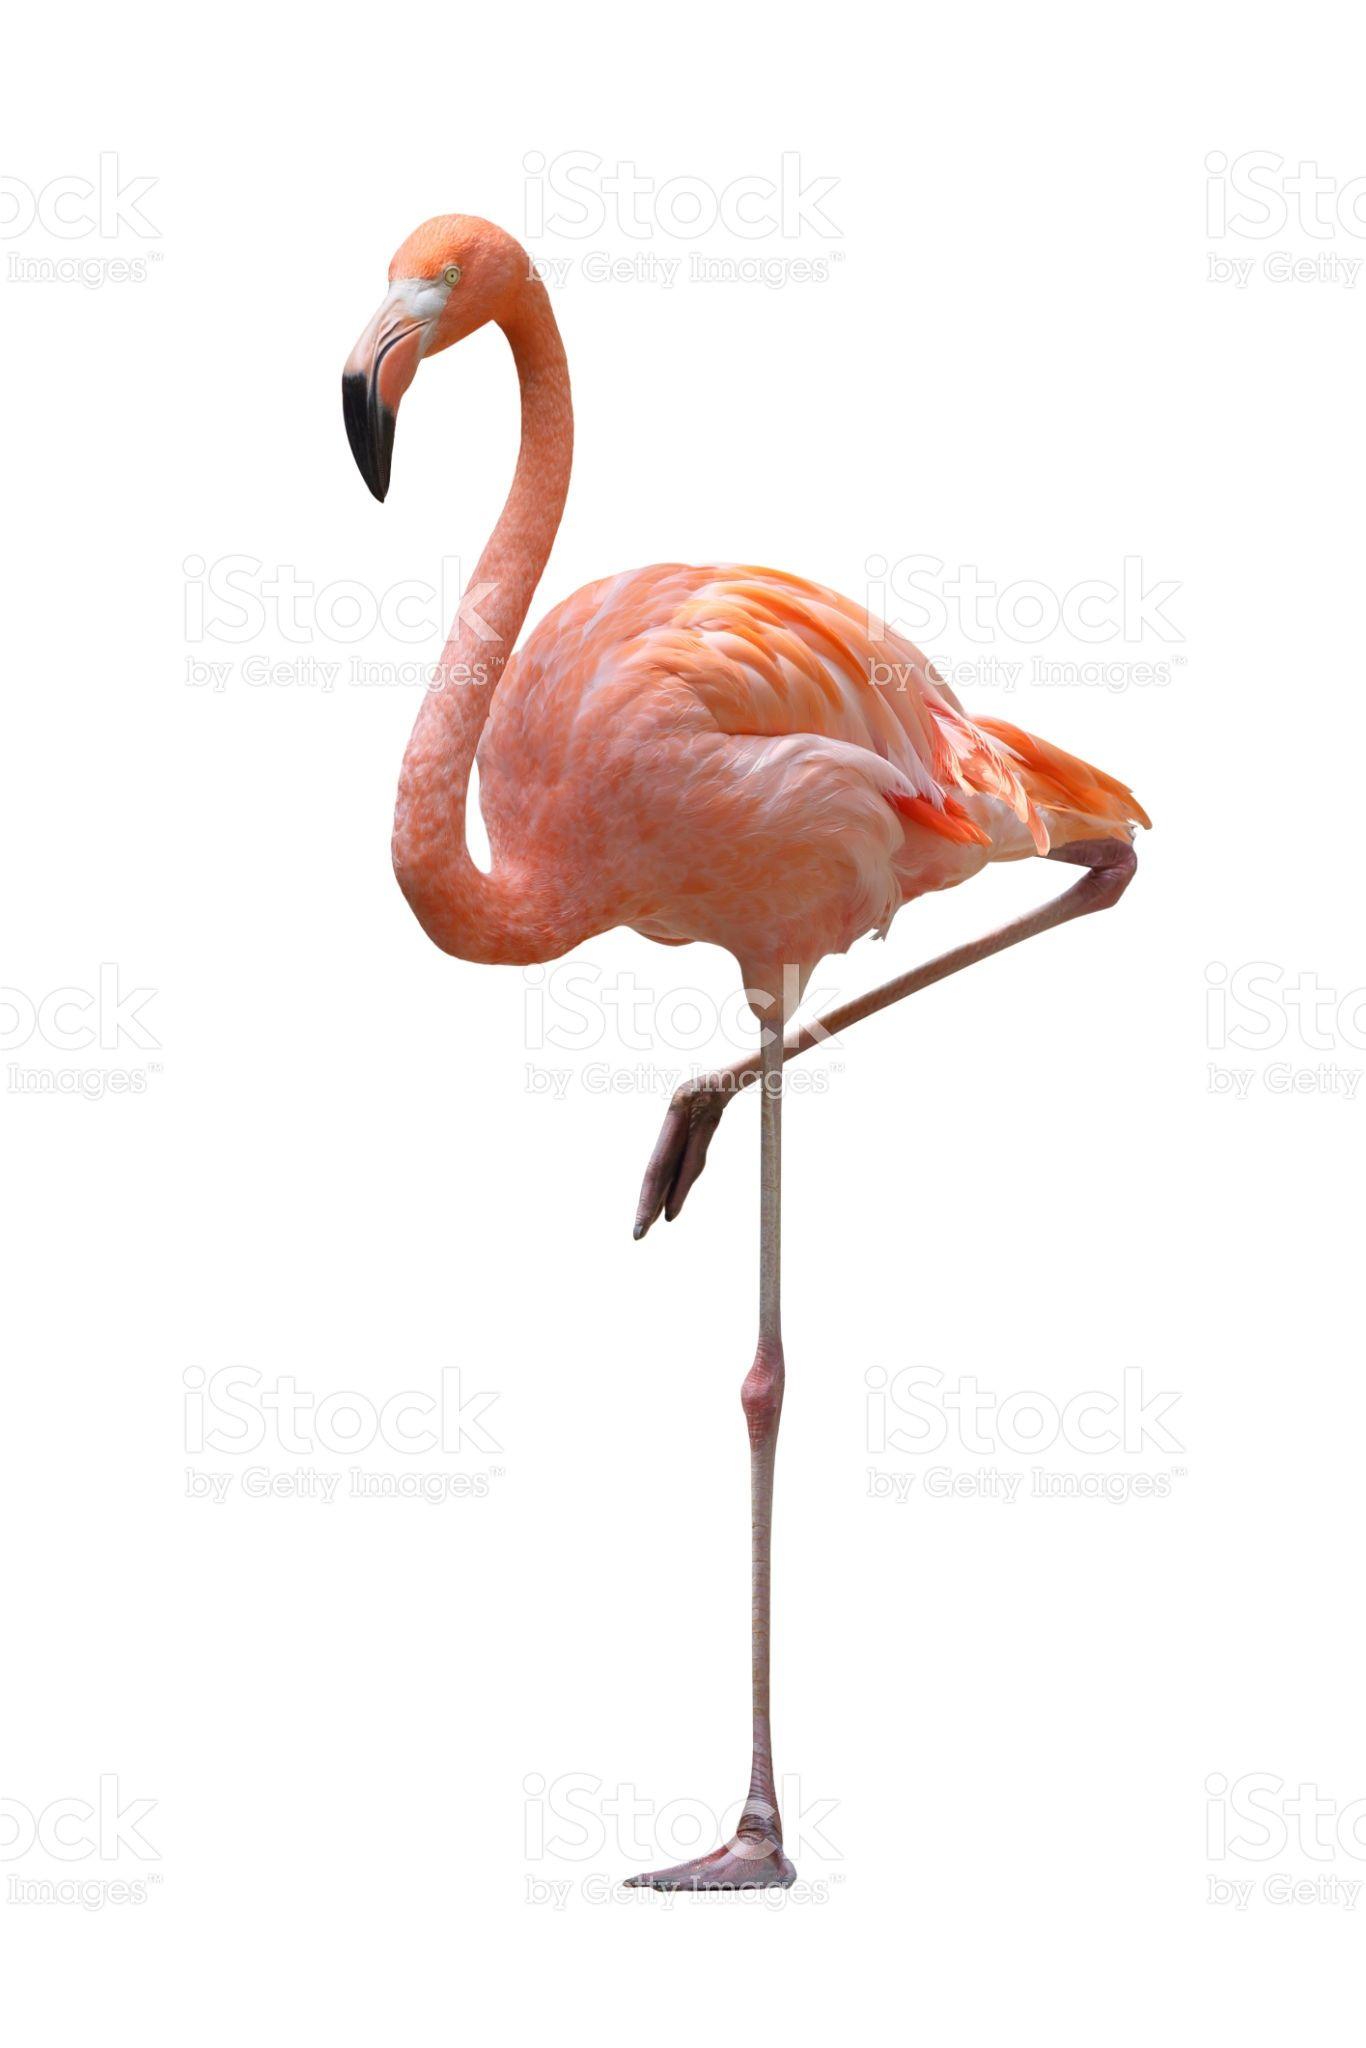 Flamingo on a white background.   Flamingo